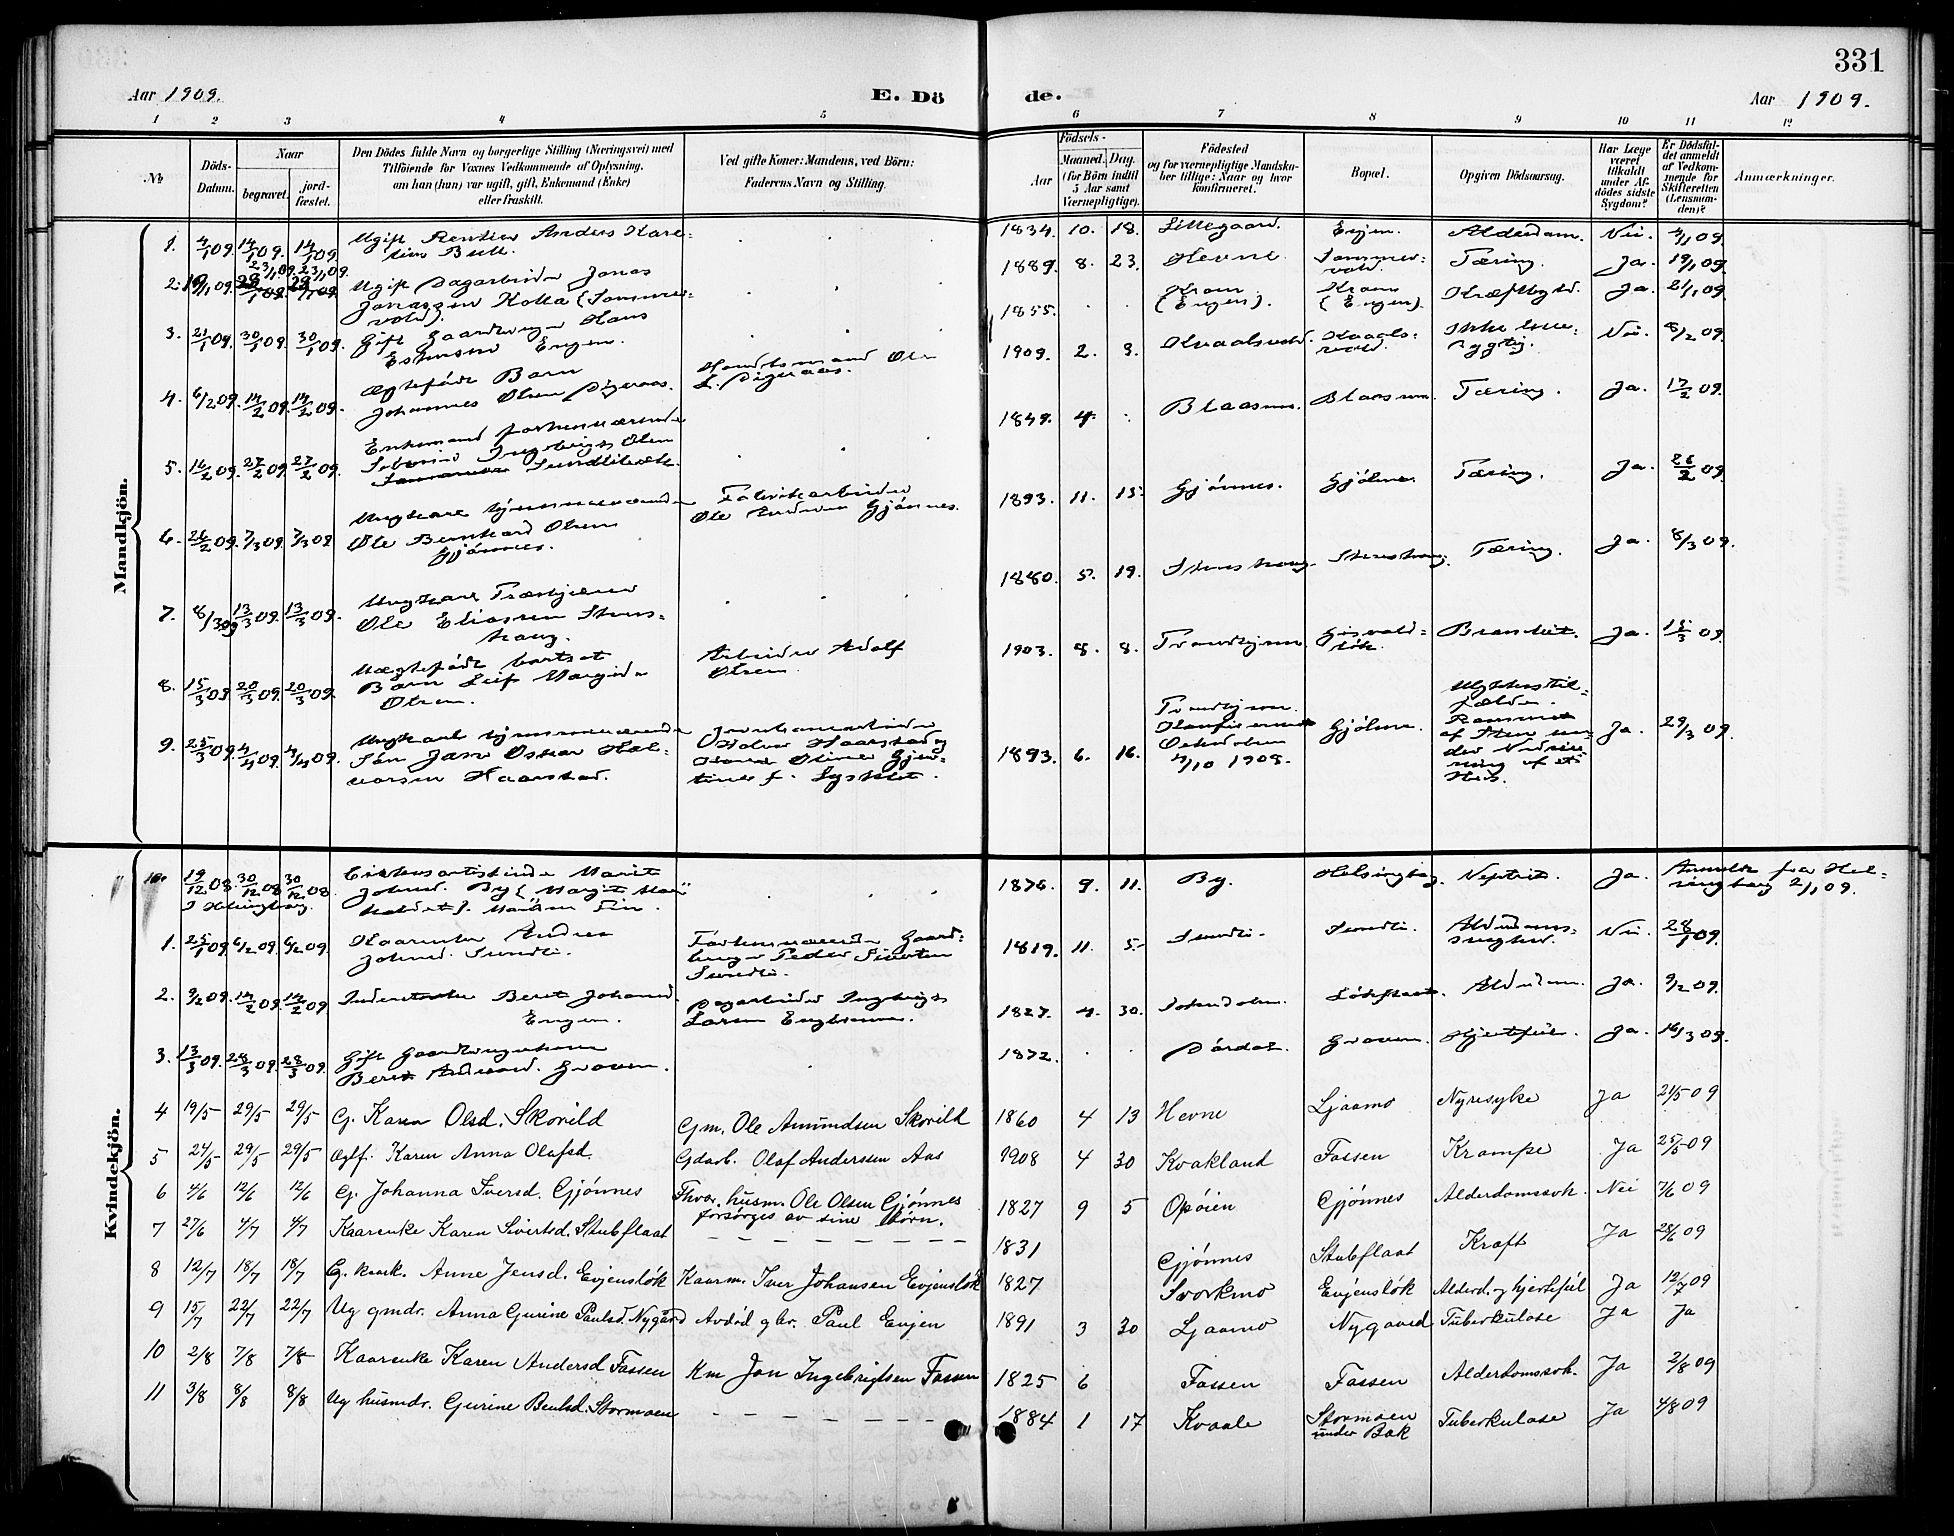 SAT, Ministerialprotokoller, klokkerbøker og fødselsregistre - Sør-Trøndelag, 668/L0819: Klokkerbok nr. 668C08, 1899-1912, s. 331